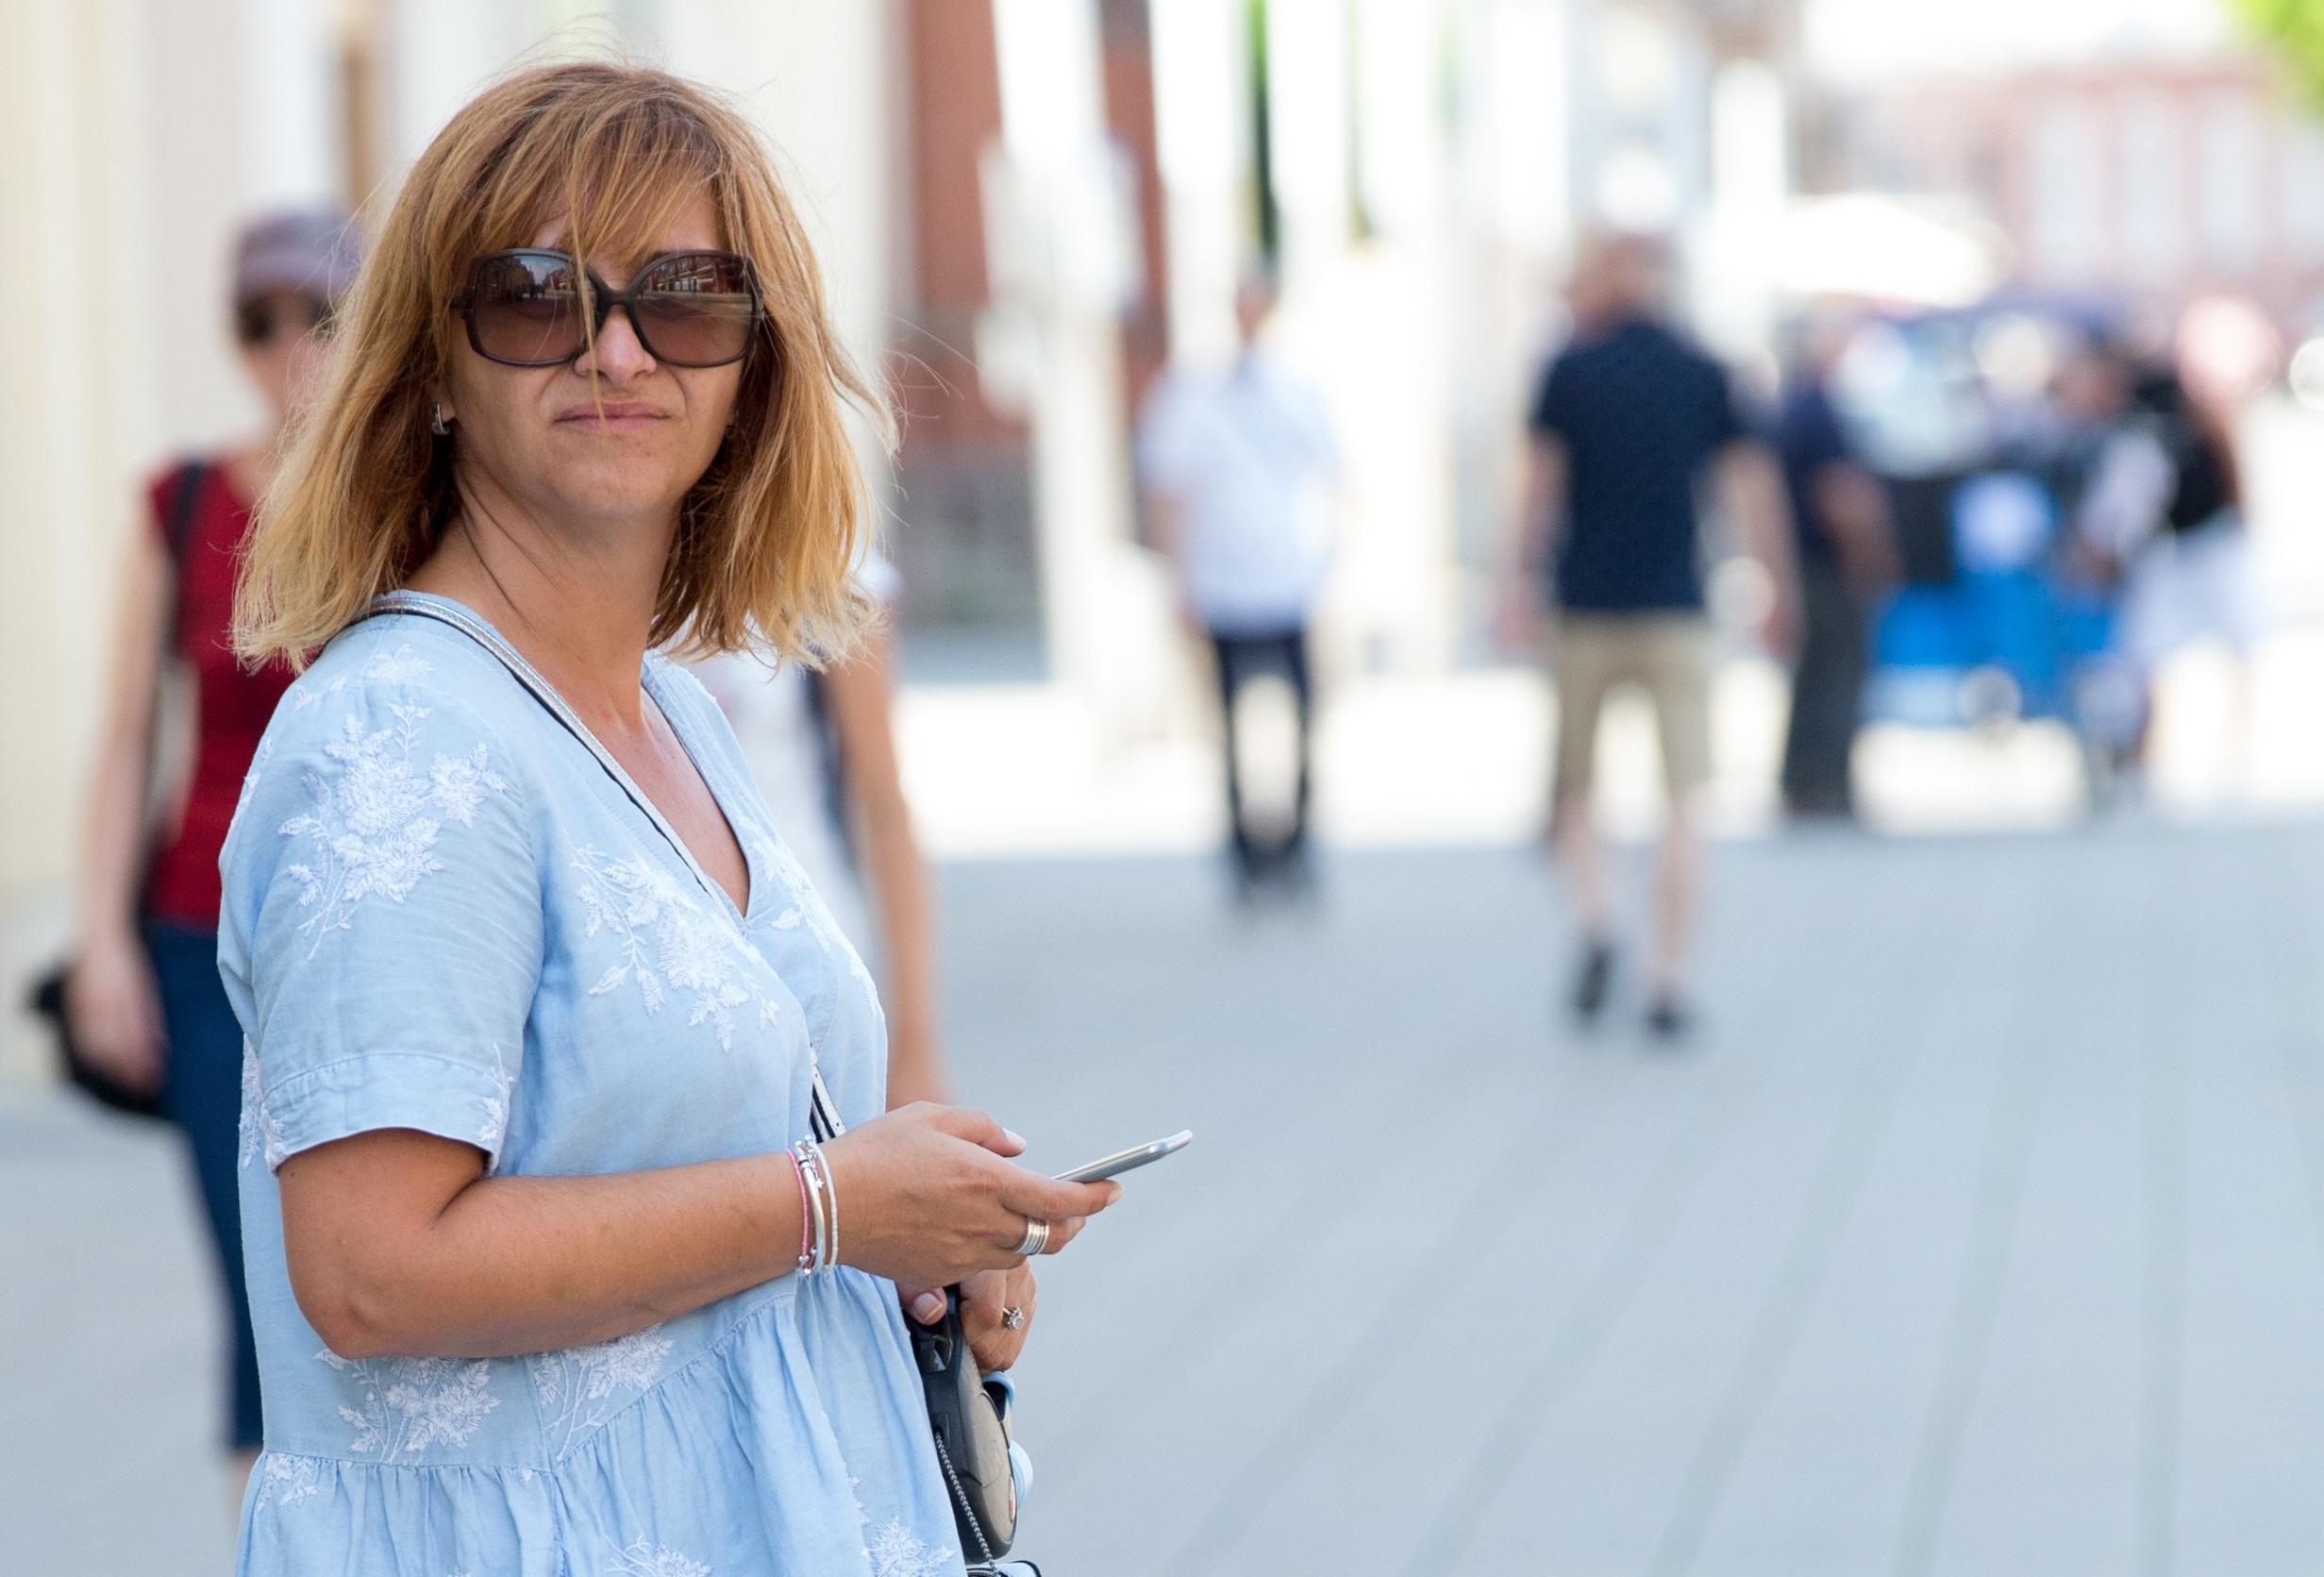 Šarmantna gospođa prošetala gradom u super društvu, a njena haljina je divna!